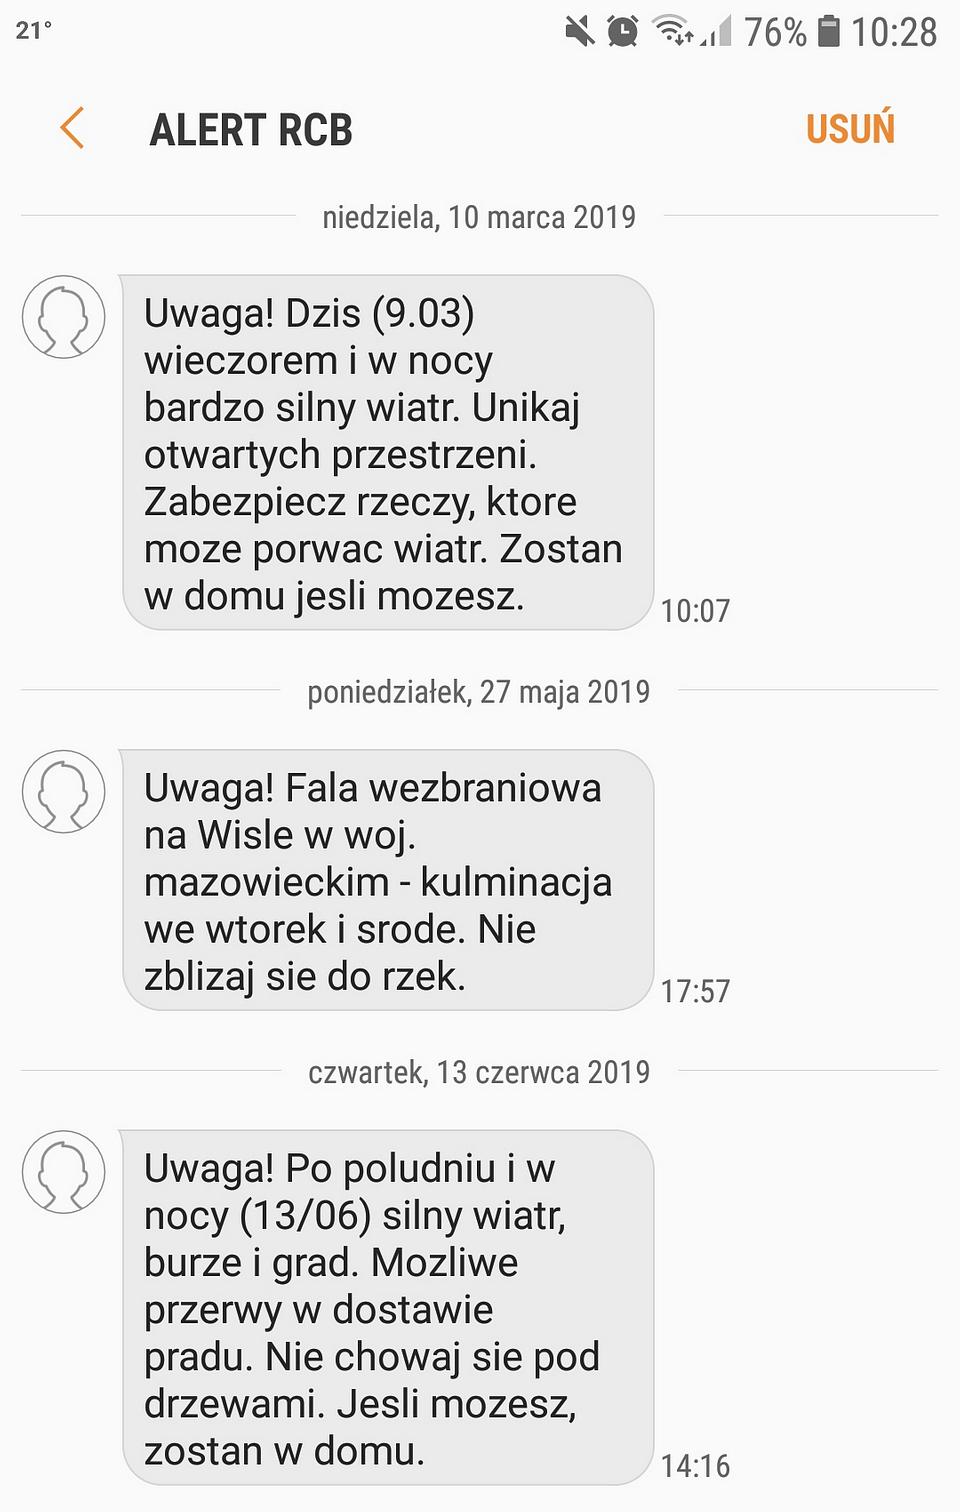 SMS-y od Rządowego Centrum Bezpieczeństwa; Źródło: SMSAPI